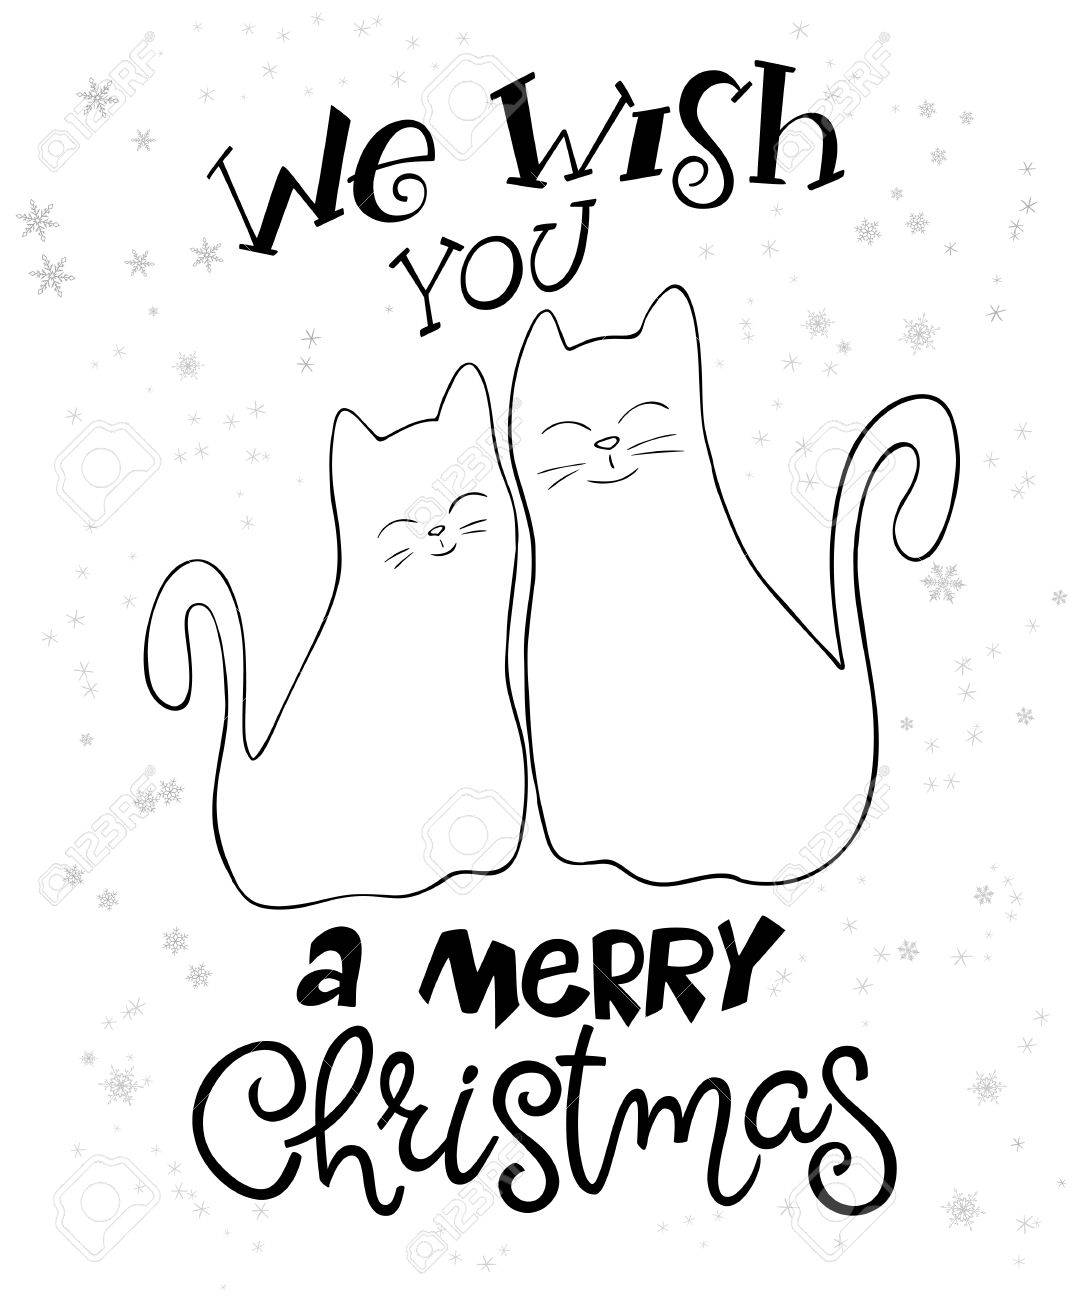 ベクトル イラストのカップルの手描き猫挨拶文字フレーズ - あなたと私